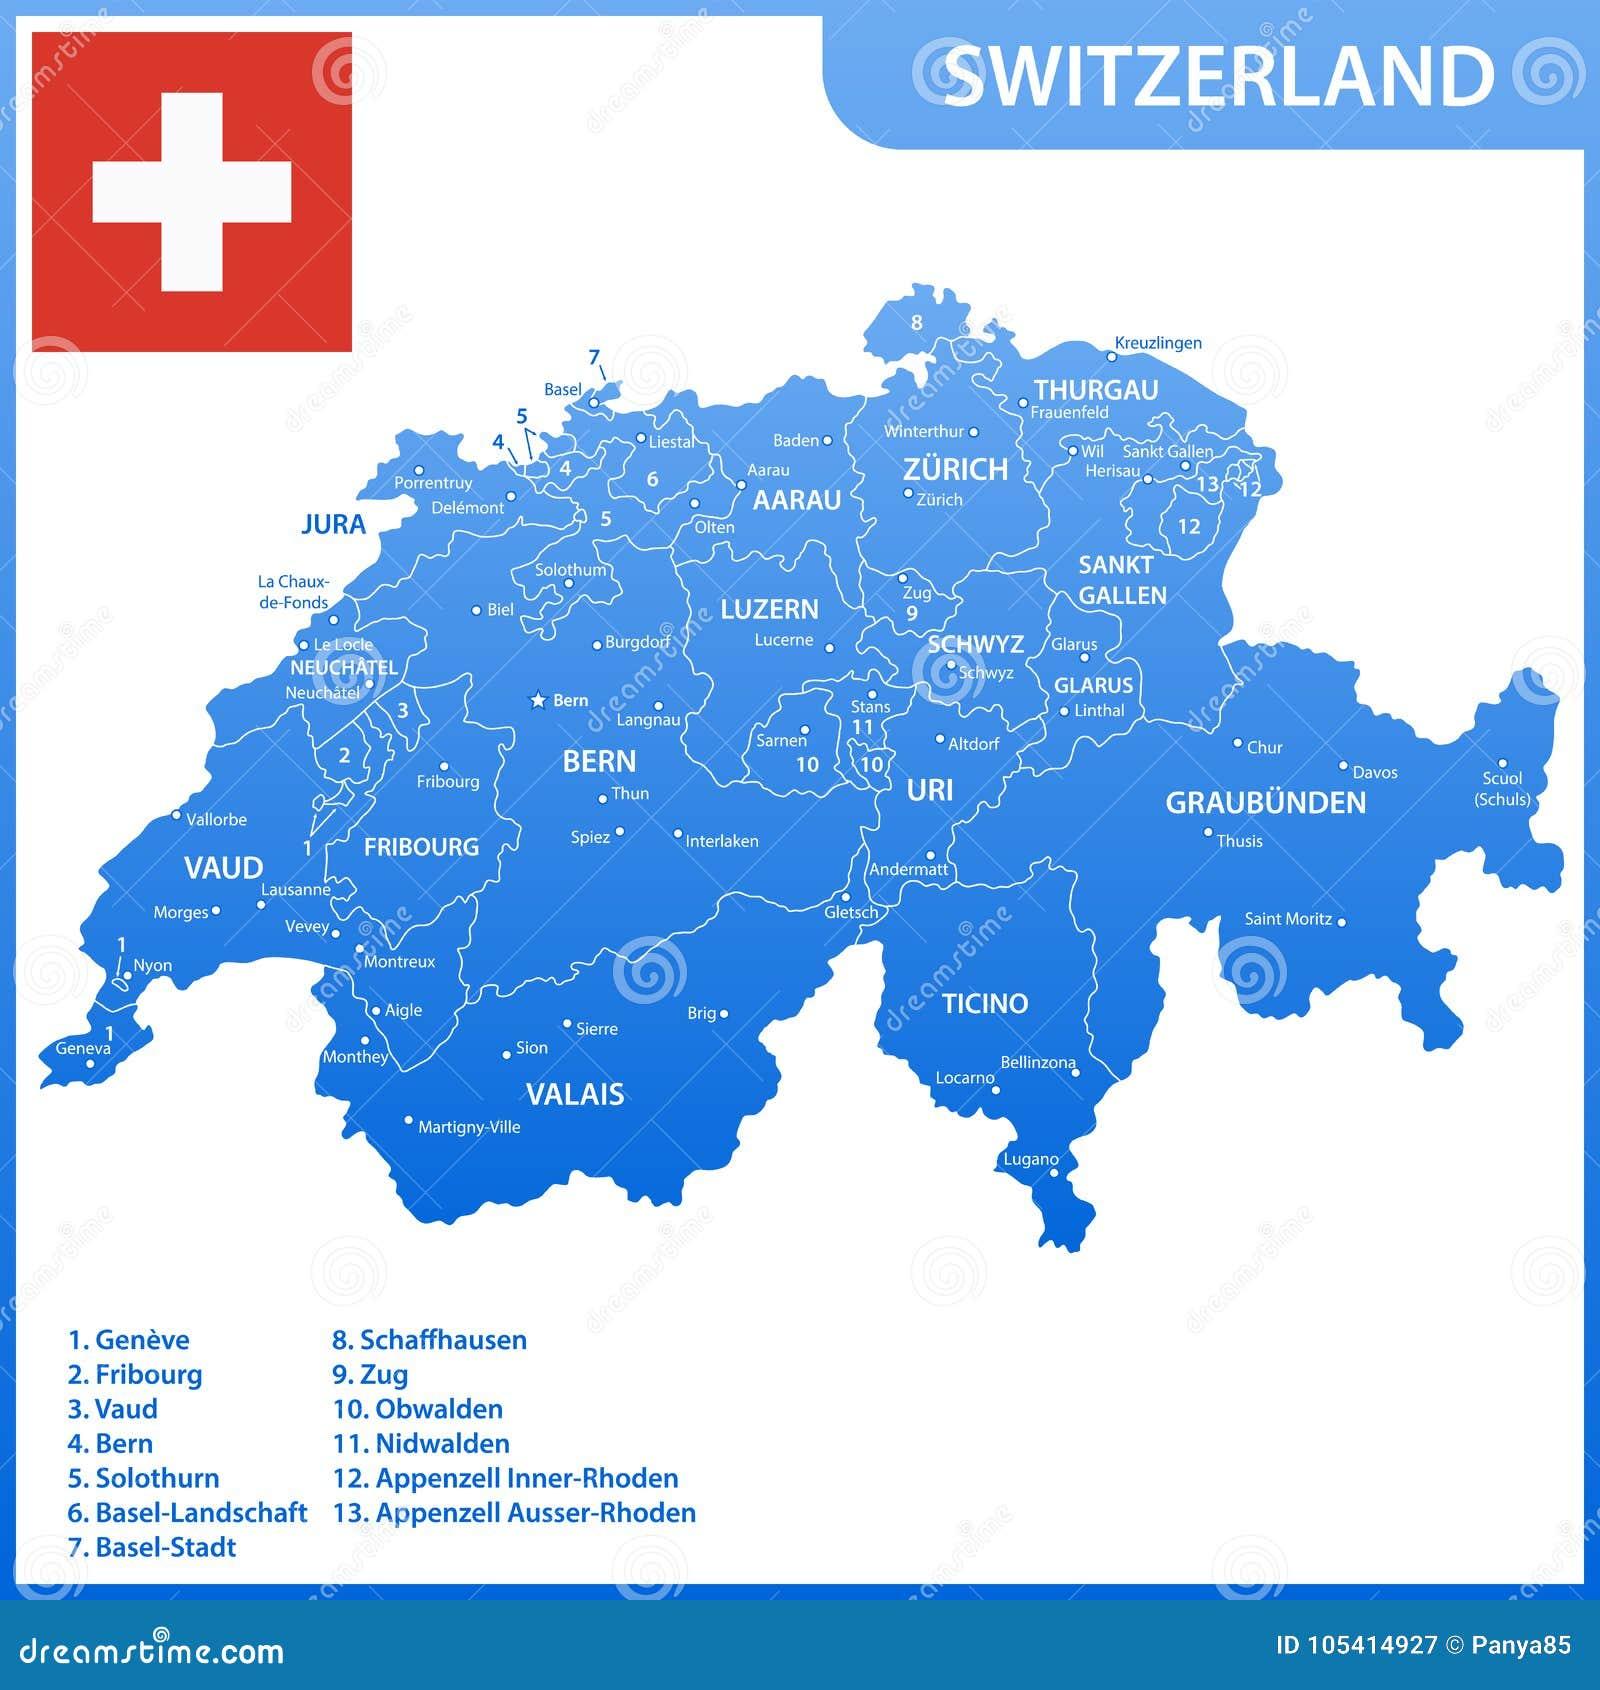 Die Ausfuhrliche Karte Der Schweiz Mit Regionen Oder Zustande Und